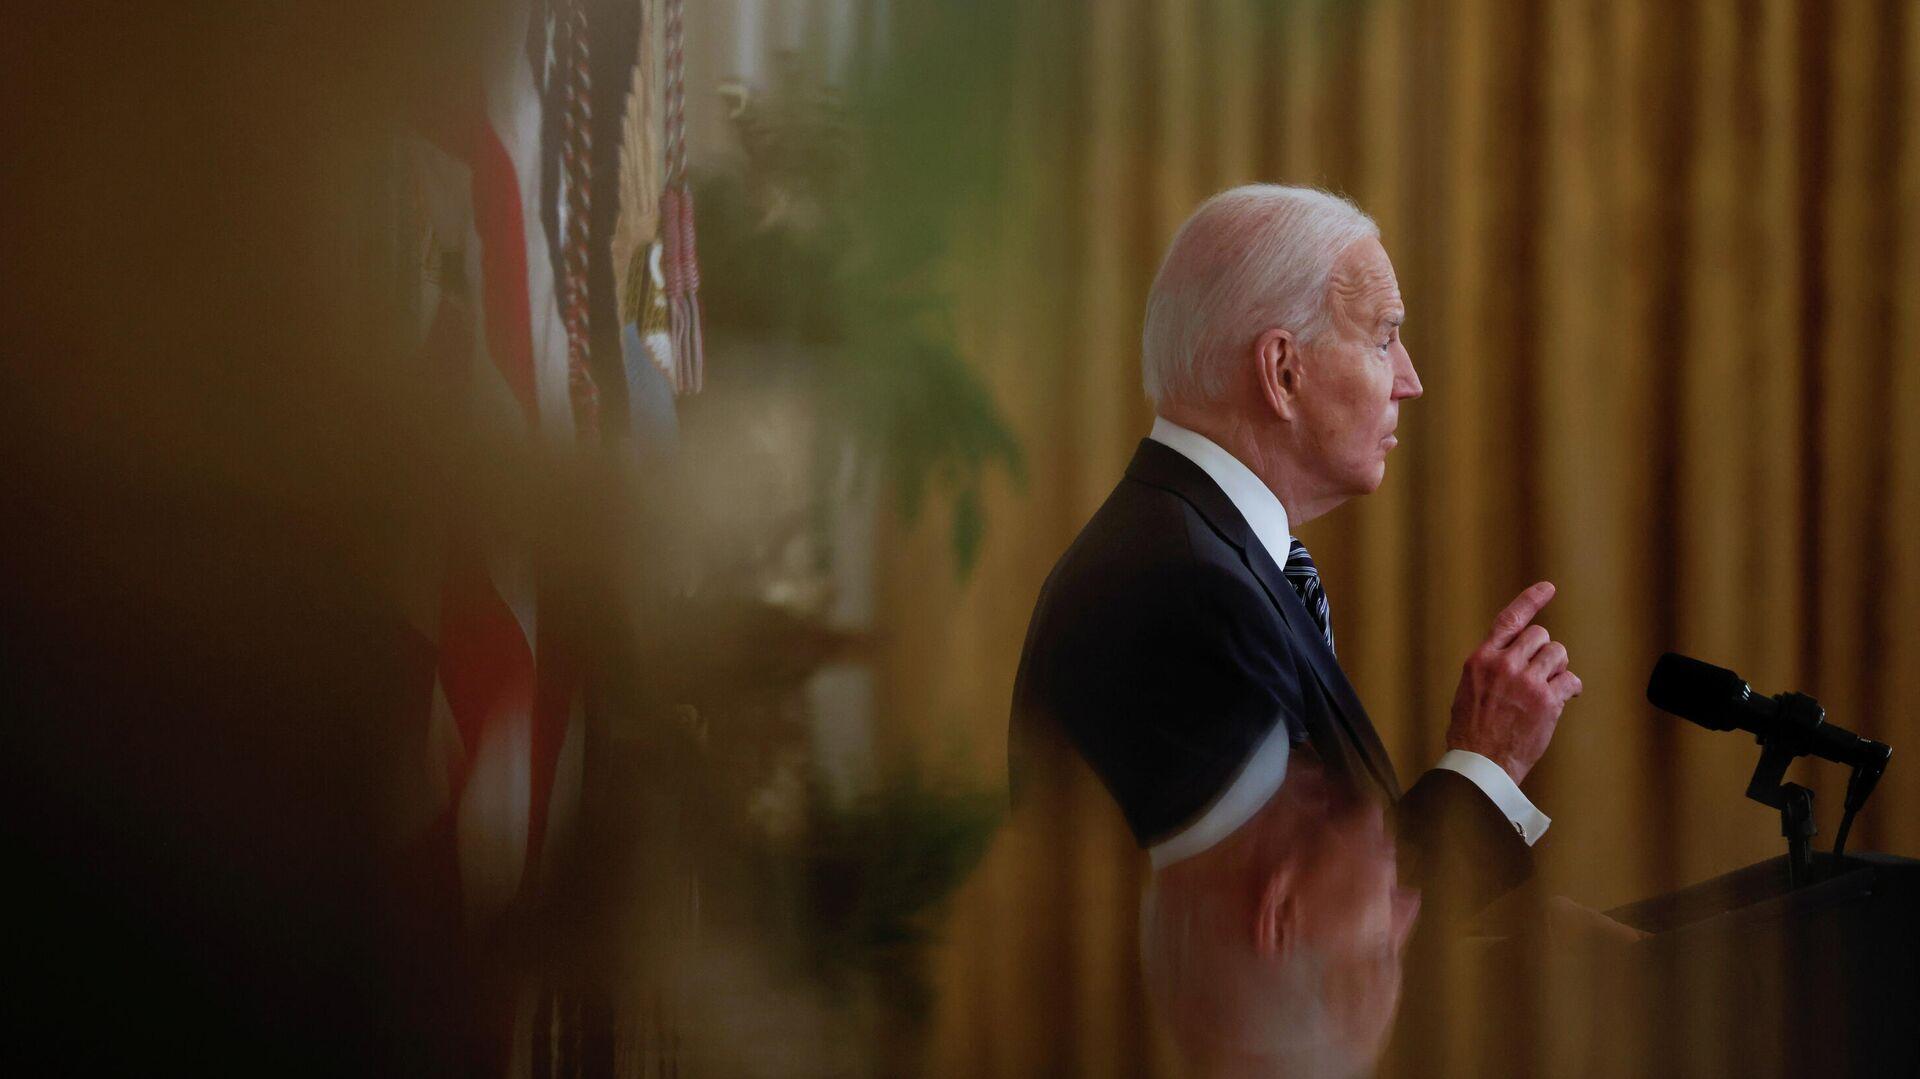 Президент США Джо Байден во время обращения к нации в Белом доме в Вашингтоне - РИА Новости, 1920, 17.03.2021